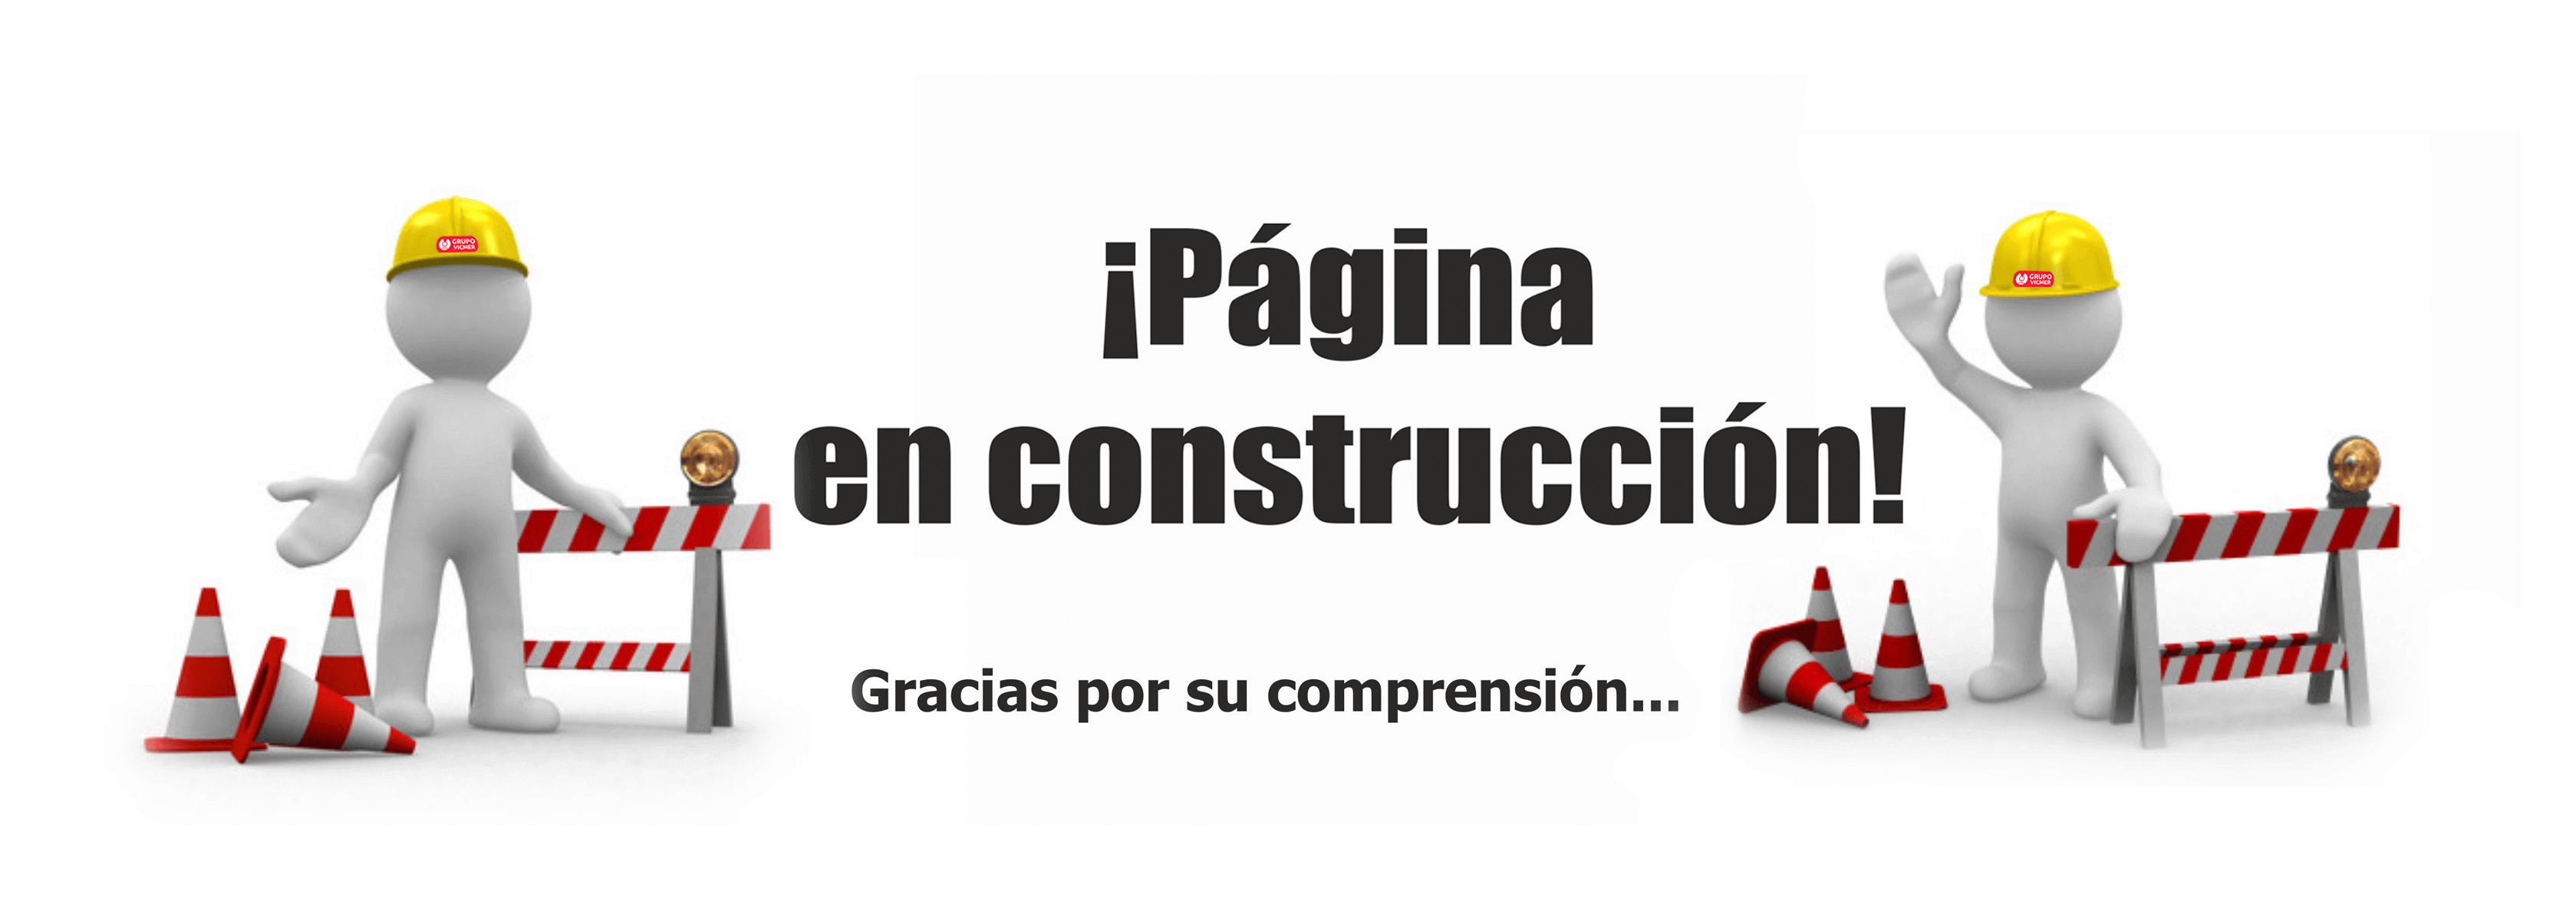 Web en construcción